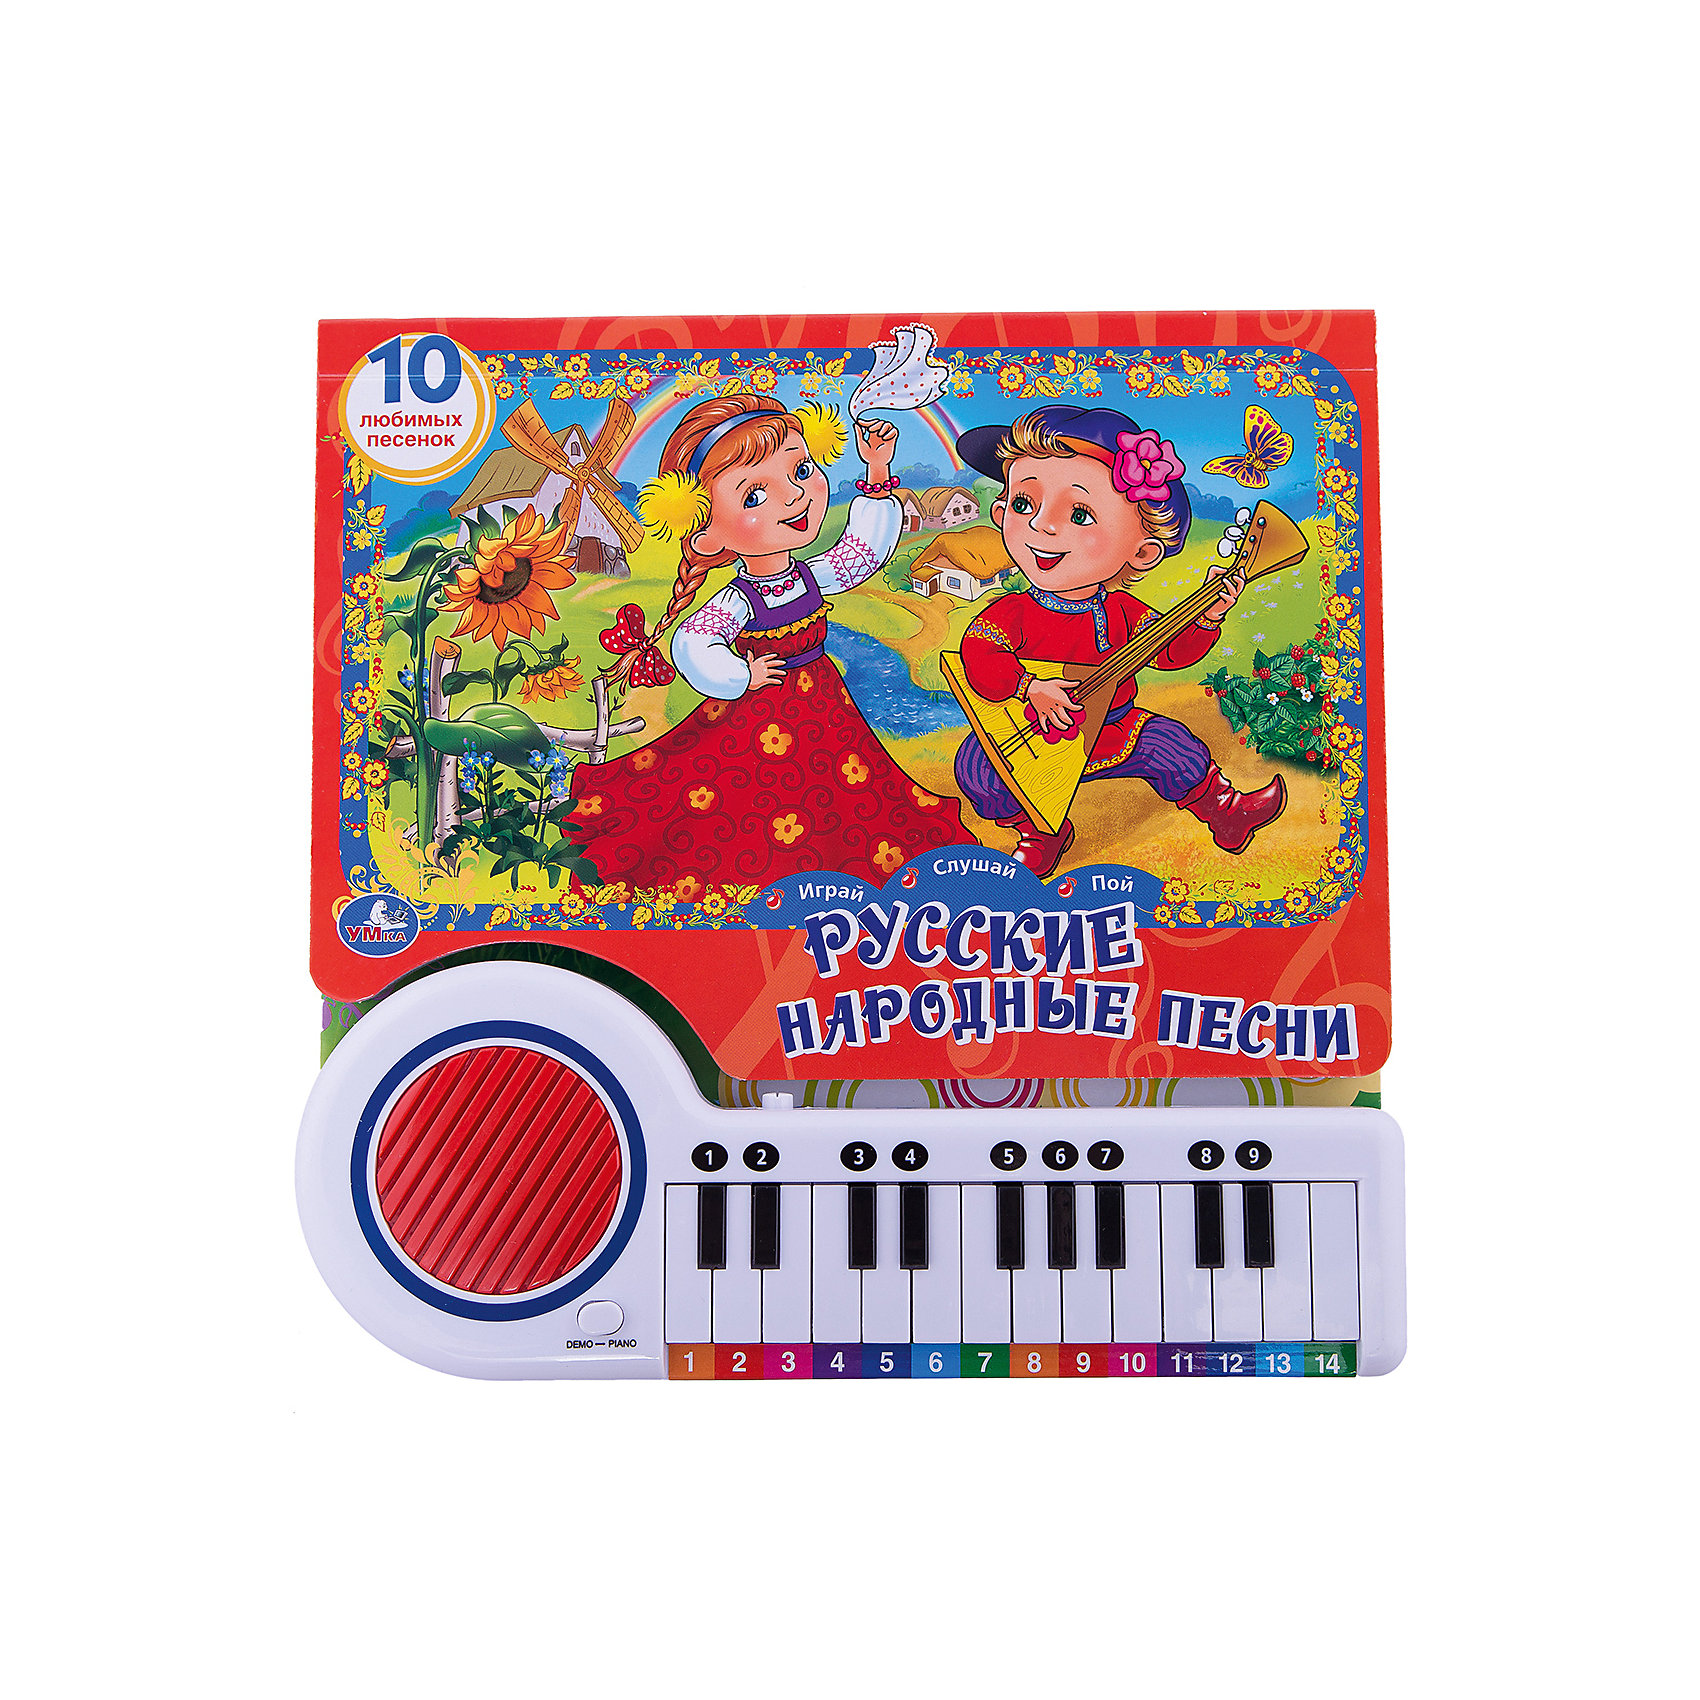 Книга-пианино с 23 кнопками Русские народные песниМузыкальные книжки - прекрасная возможность послушать замечательные песенки. Книга Русские народные песни (книга-пианино с 23 клавишами и песенками) от издательства Умка подарит малышу множество возможностей и станет любимицей на долгое время. Сначала кроха просто будет листать плотные картонные страницы и рассматривать яркие иллюстрации, затем попробует включать песенки, а затем, возможно, будет подбирать мелодии по нотам, как настоящий музыкант! Русские народные песенки и потешки звонкие и всегда поднимут настроение. Играй! Слушай! Пой!<br><br>Список песен: <br>1. Два весёлых гуся <br>2. Каравай <br>3. Калинка <br>4. Серенький козлик <br>5. Ладушки <br>6. Барыня <br>7. Валенки <br>8. Как у наших у ворот <br>9. Во саду ли, в огороде <br>10. Во поле берёза стояла<br><br>Дополнительное описание:<br><br>- Количество страниц: 20;<br>- Плотные, яркие, картонные страницы;<br>- Пианино - 23 клавиши - можно сочинять собственные мелодии;<br>- Множество прекрасных песенок и потешек;<br>- Режим: Караоке+;<br>- Для работы требуются:  2АА (2 пальчиковые батарейки);<br>- Размер: 26 х 26 см;<br>- Вес: 760 г<br><br>Книгу Русские народные песни (книга-пианино с 23 клавишами и песенками), Умка, можно купить в нашем интернет-магазине.<br><br>Ширина мм: 260<br>Глубина мм: 260<br>Высота мм: 30<br>Вес г: 760<br>Возраст от месяцев: 12<br>Возраст до месяцев: 84<br>Пол: Унисекс<br>Возраст: Детский<br>SKU: 3915817